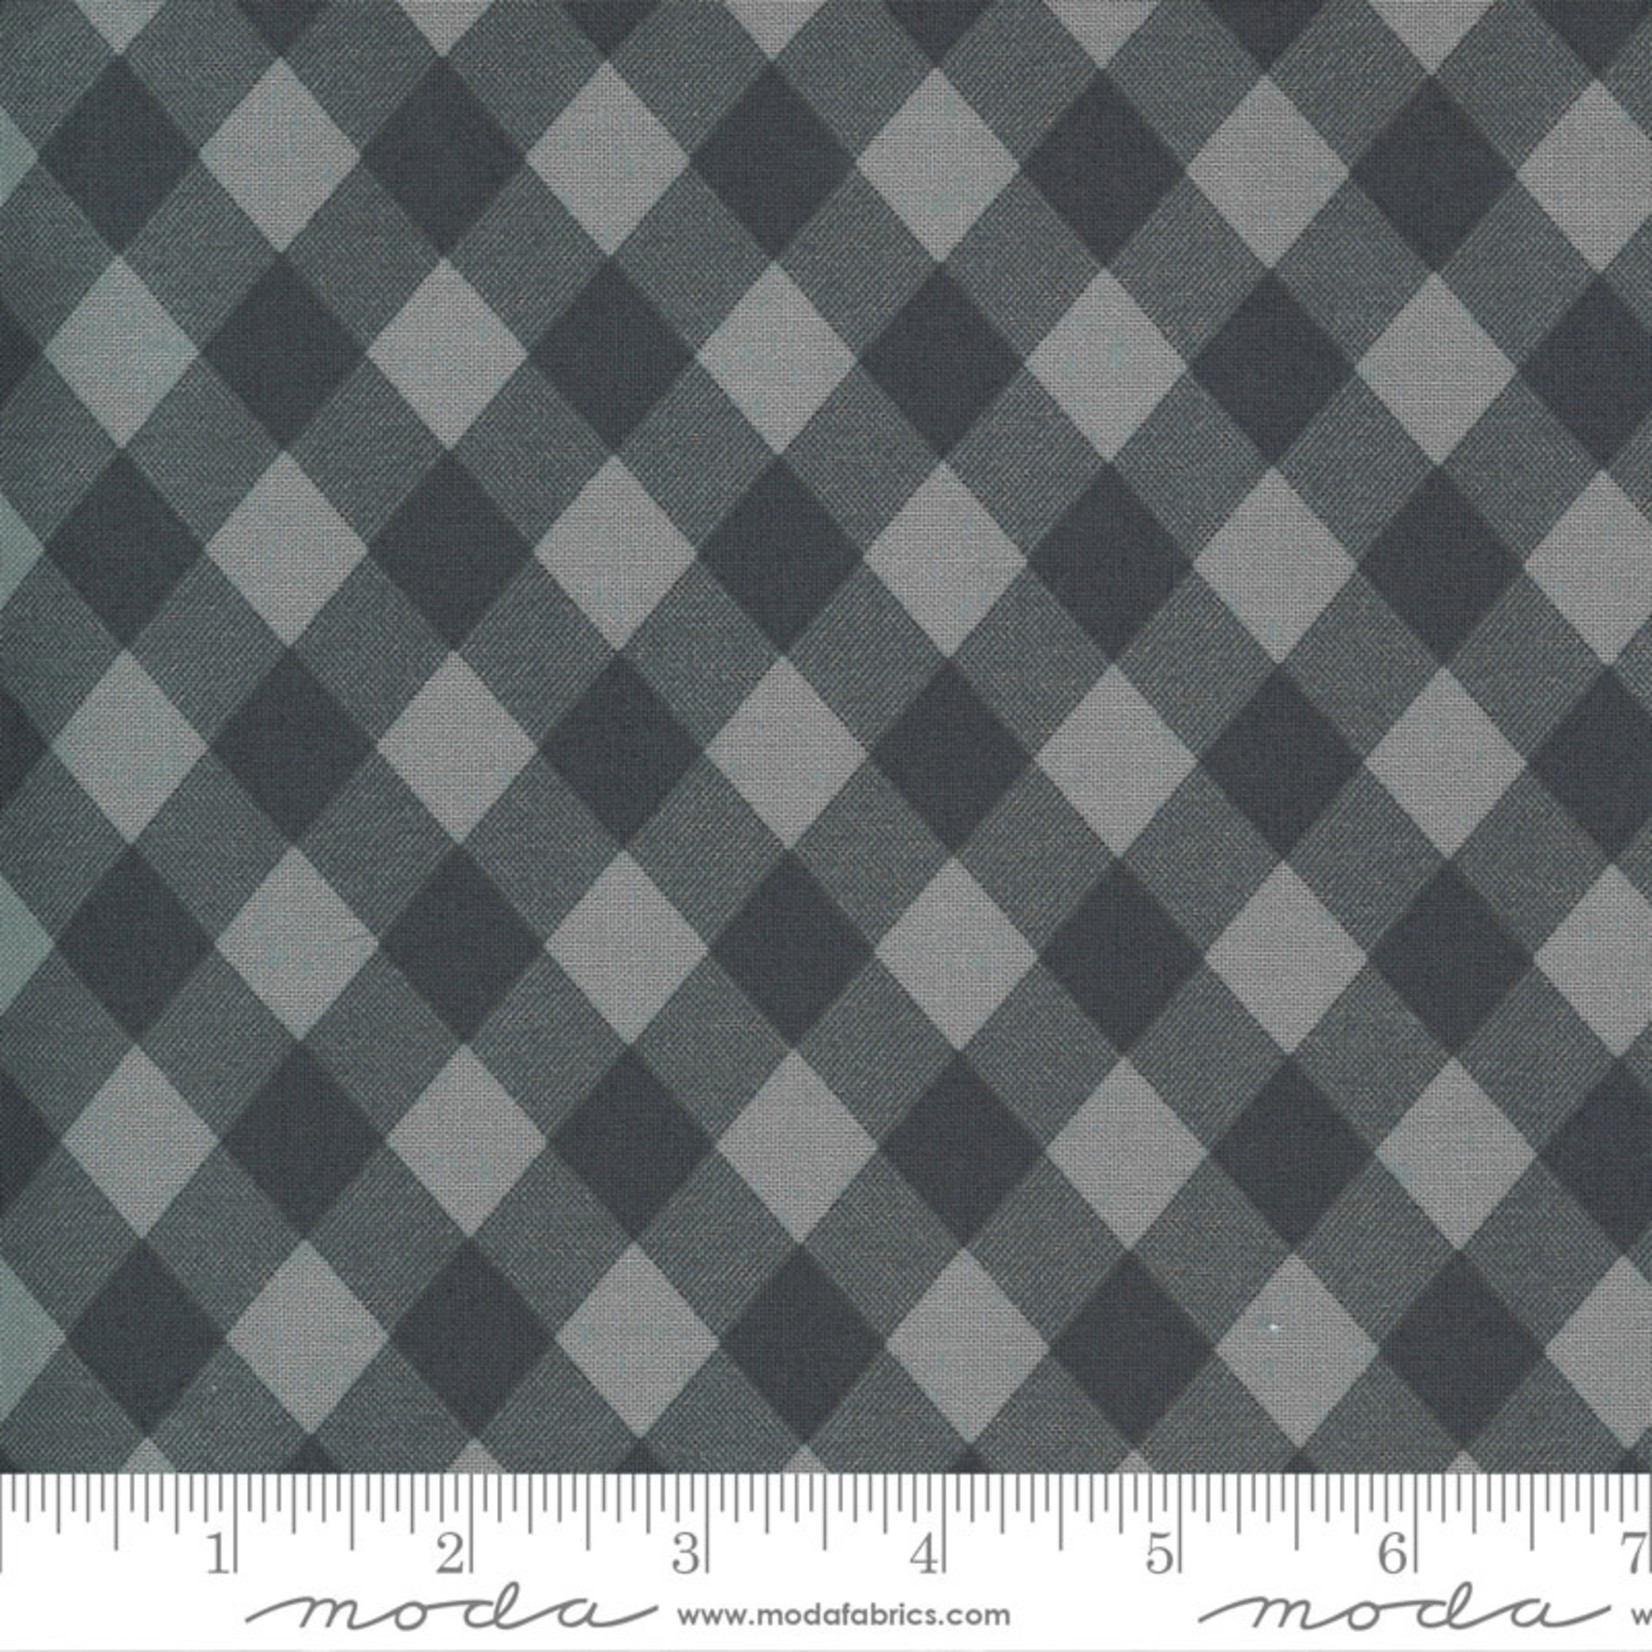 Bonnie & Camille Sunday Stroll, Picnic Gingham, Grey 55227 17 $0.20 per cm or $20/m